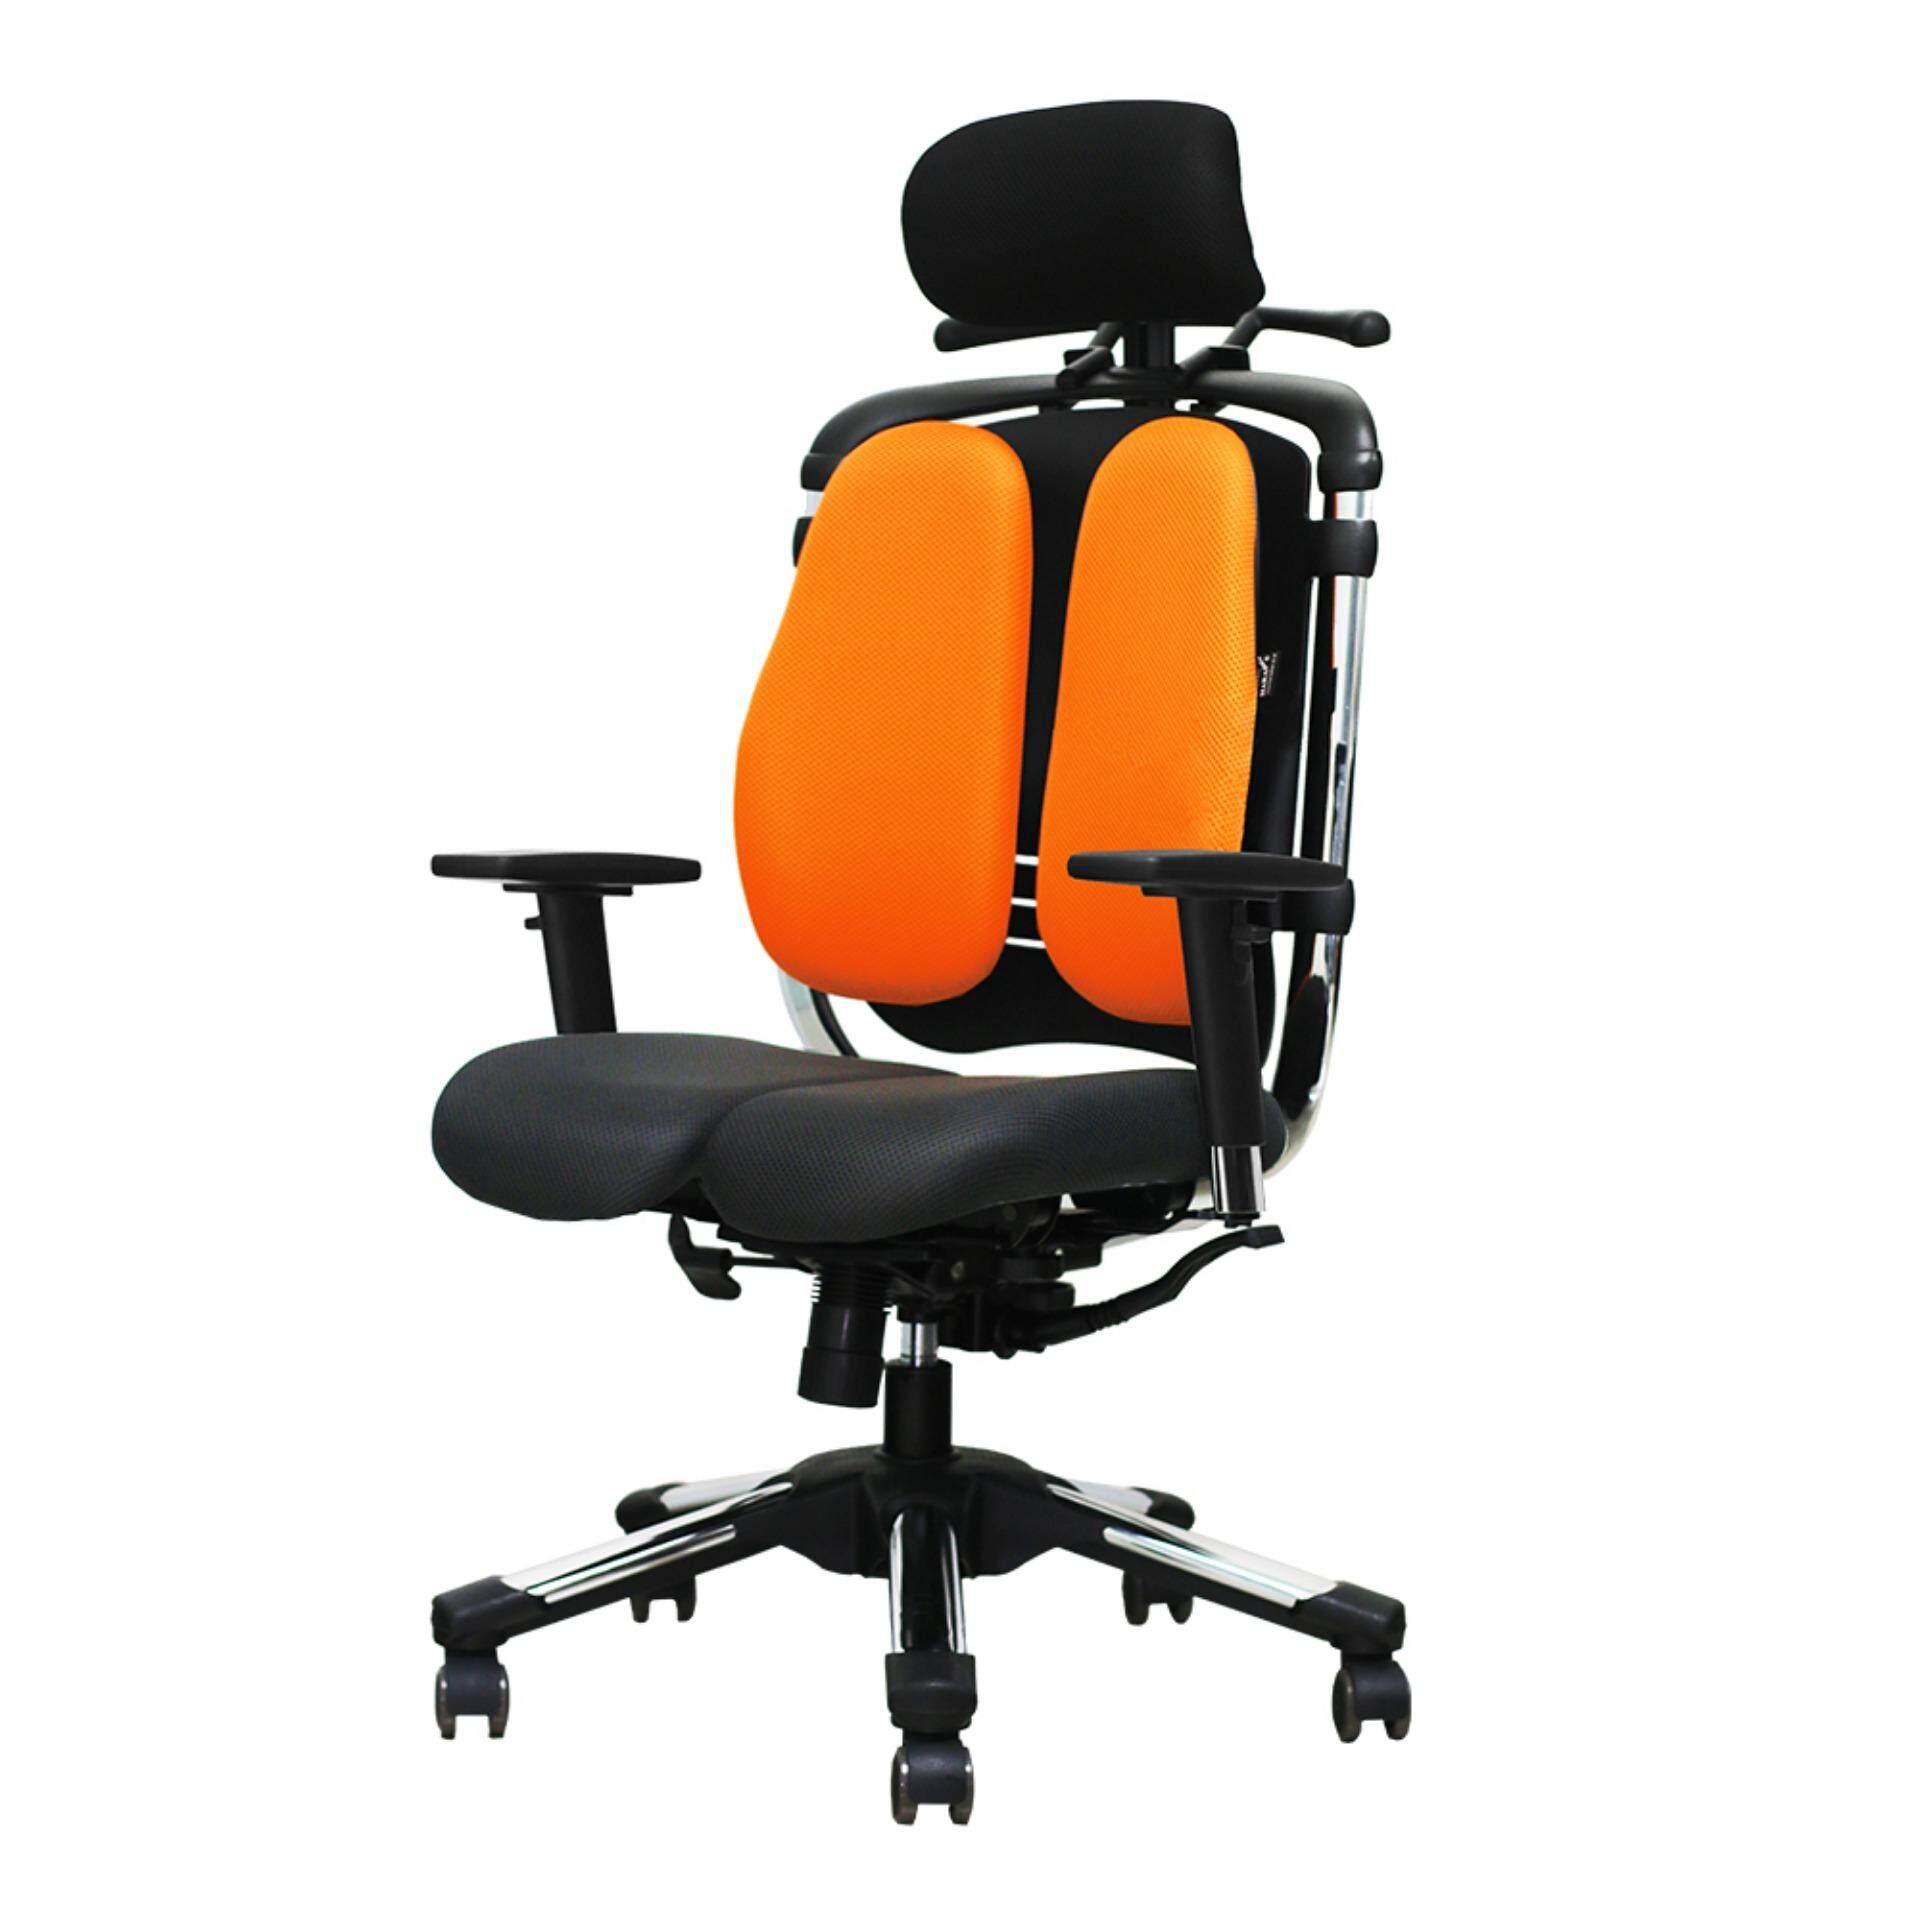 Hara Chair เก้าอี้สํานักงานเพื่อสุขภาพ NIETZSCHE 2(สีส้ม)